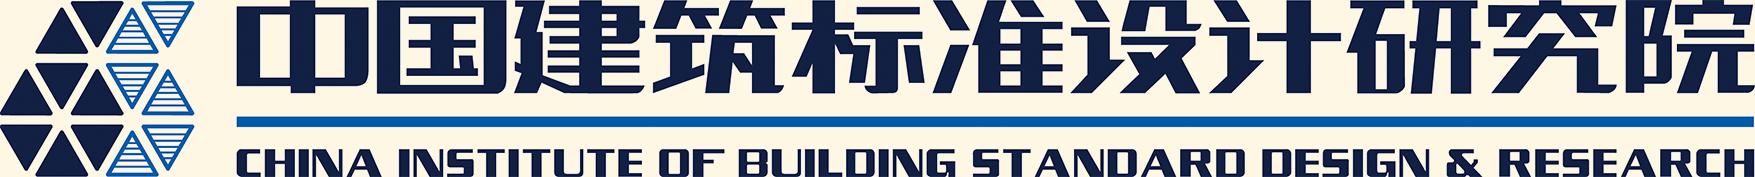 中古建筑标准设计研究院